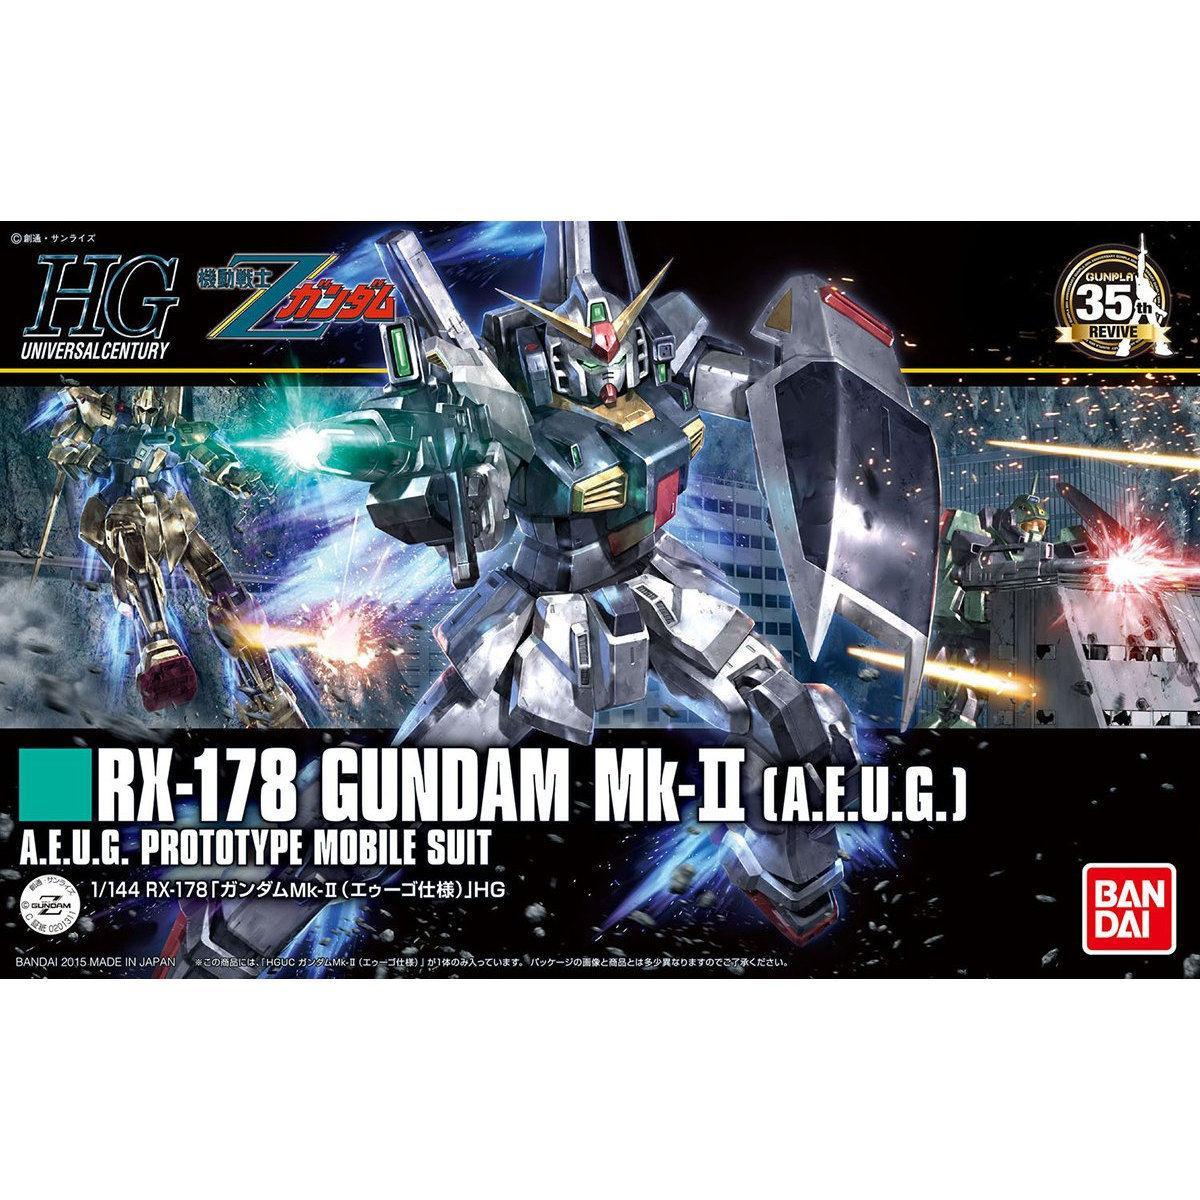 [193] REVIVE - Gundam MK-II (A.E.U.G.) (HGUC)